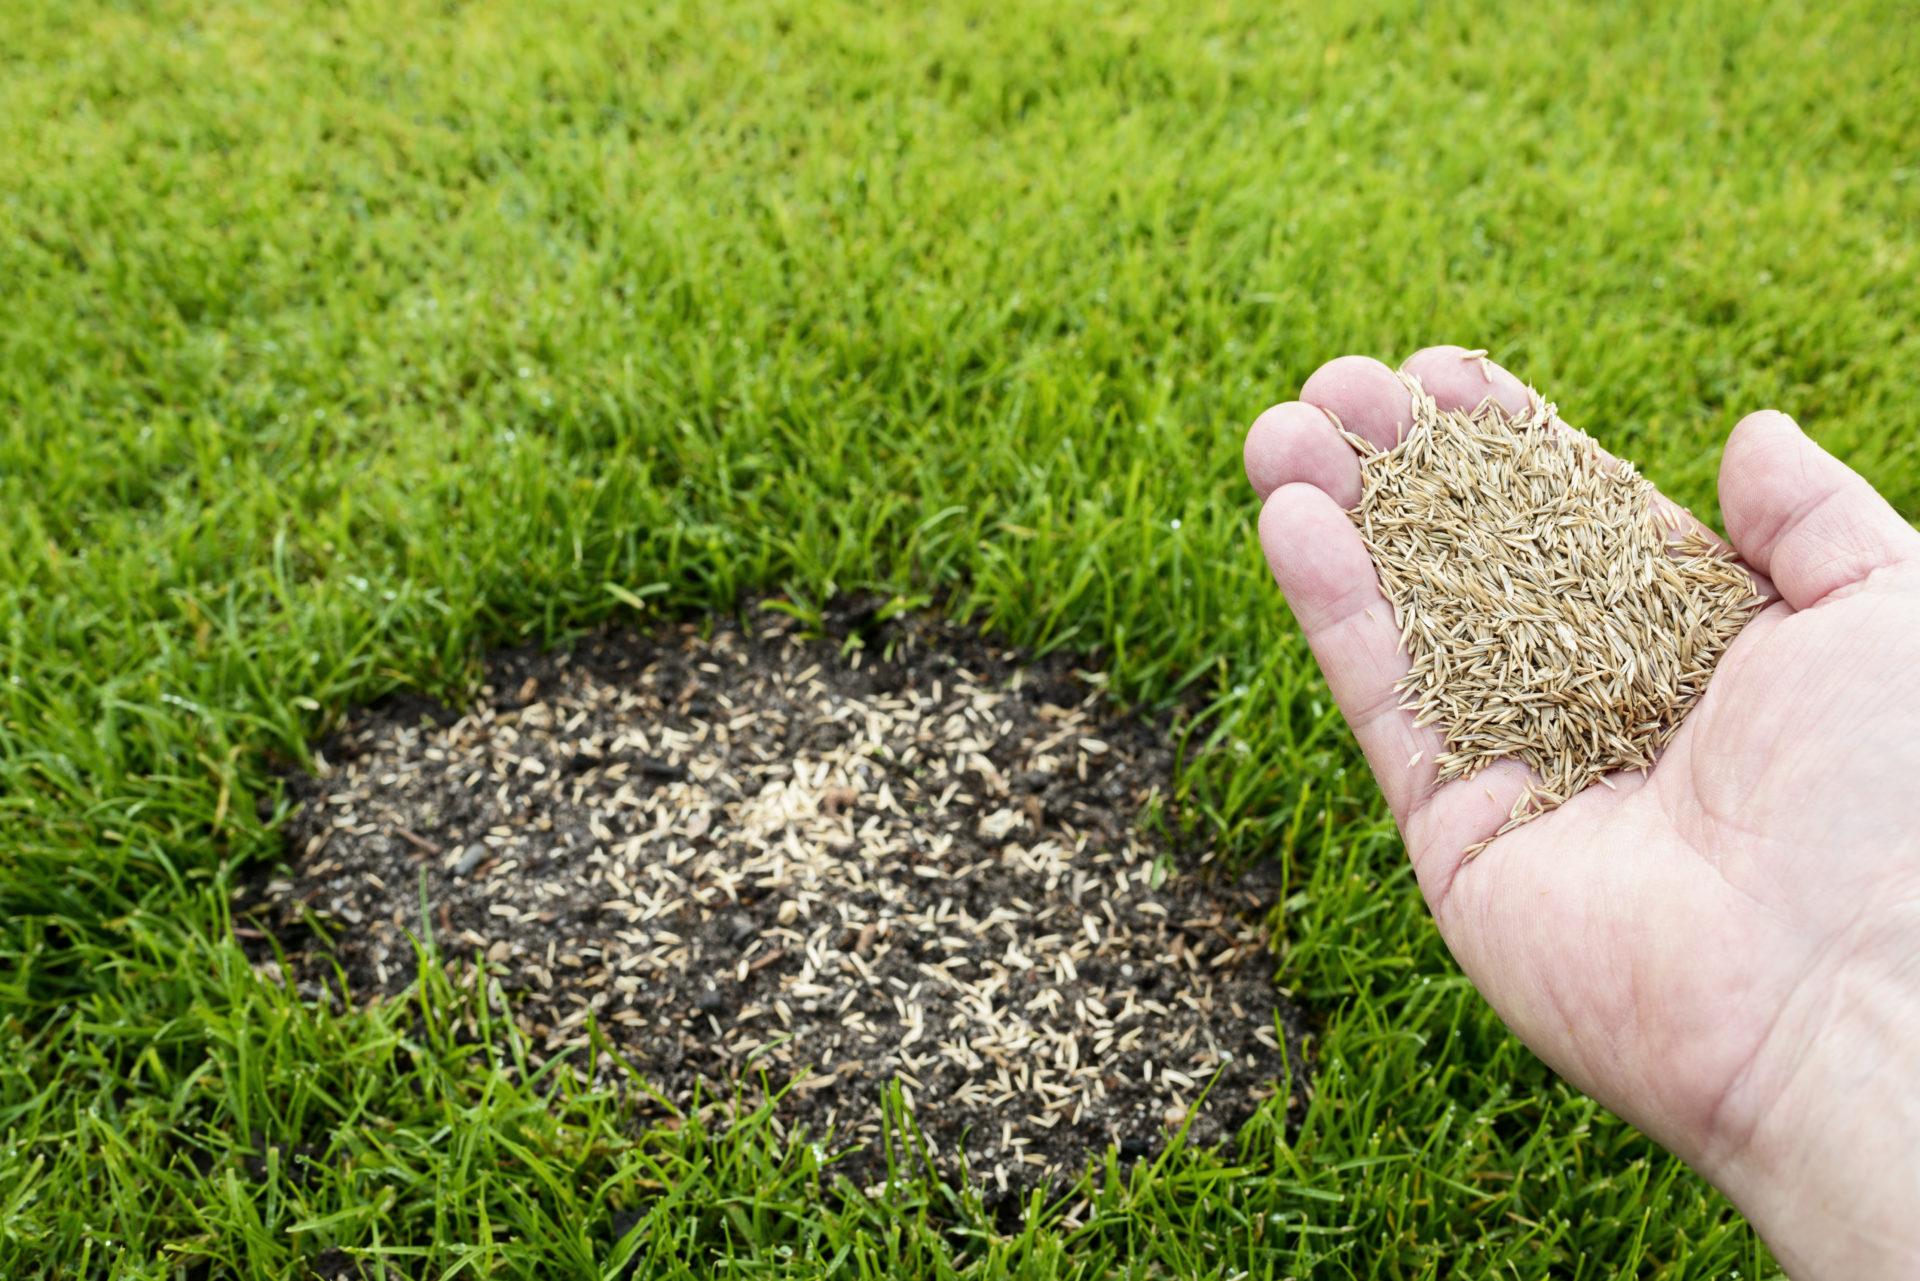 Compo Rasen Saat Pad - Schnelle Alternative zum Nachsäen?